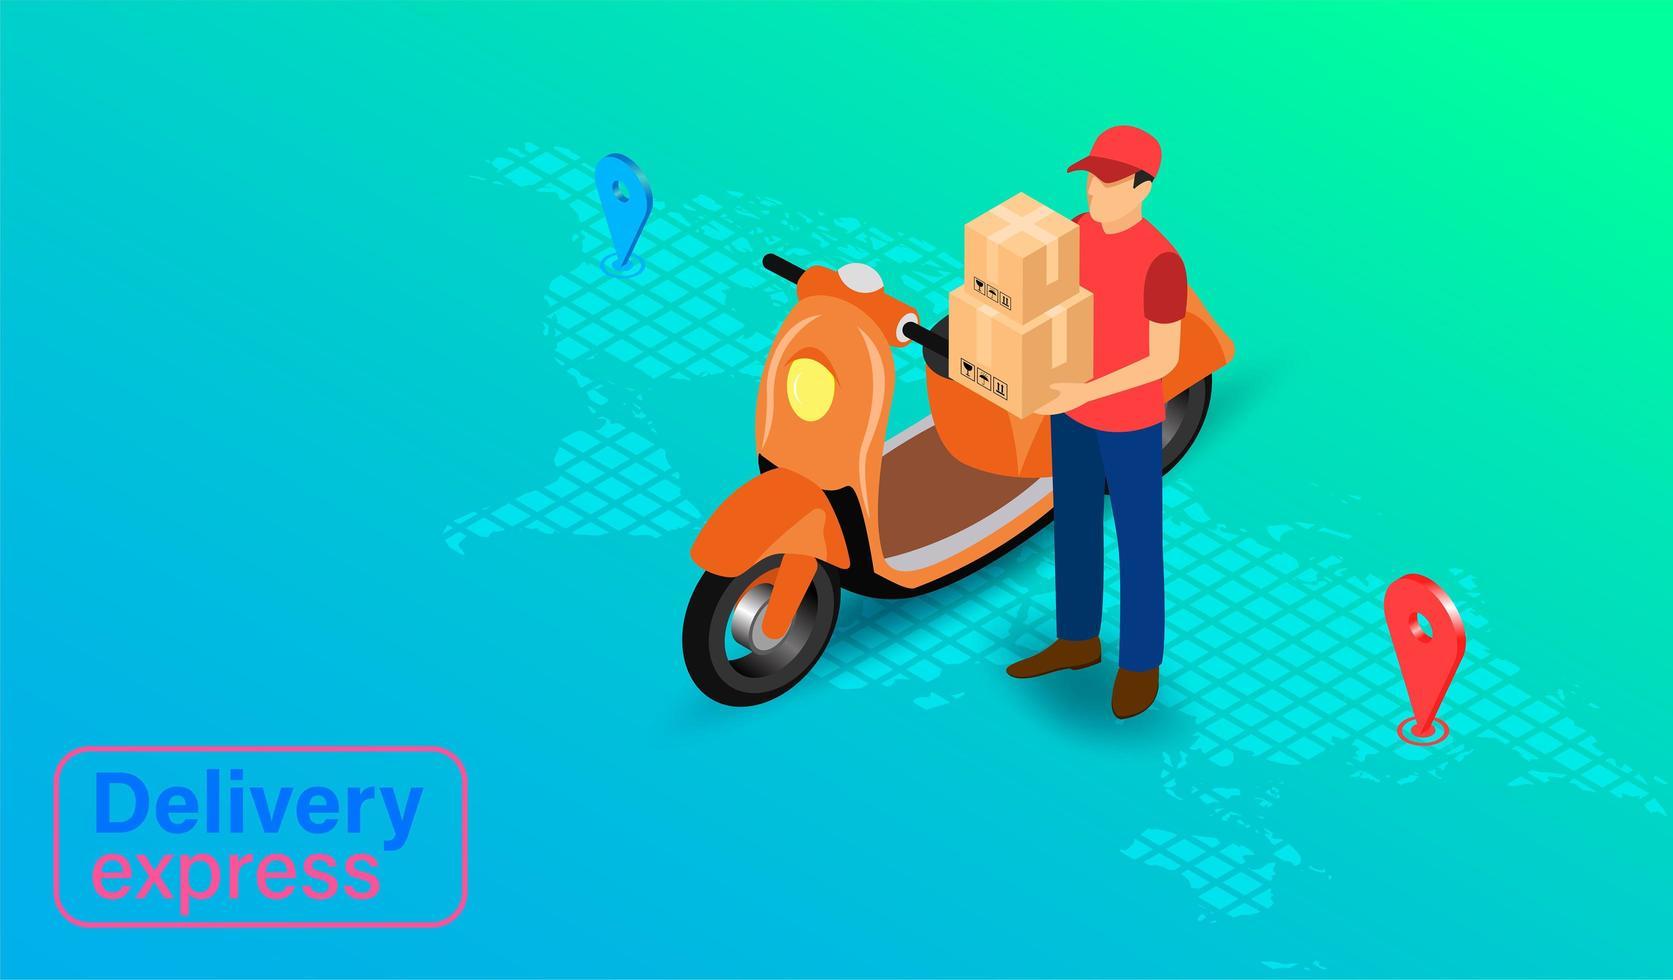 Zustellung Express per Paketzusteller mit Roller vektor